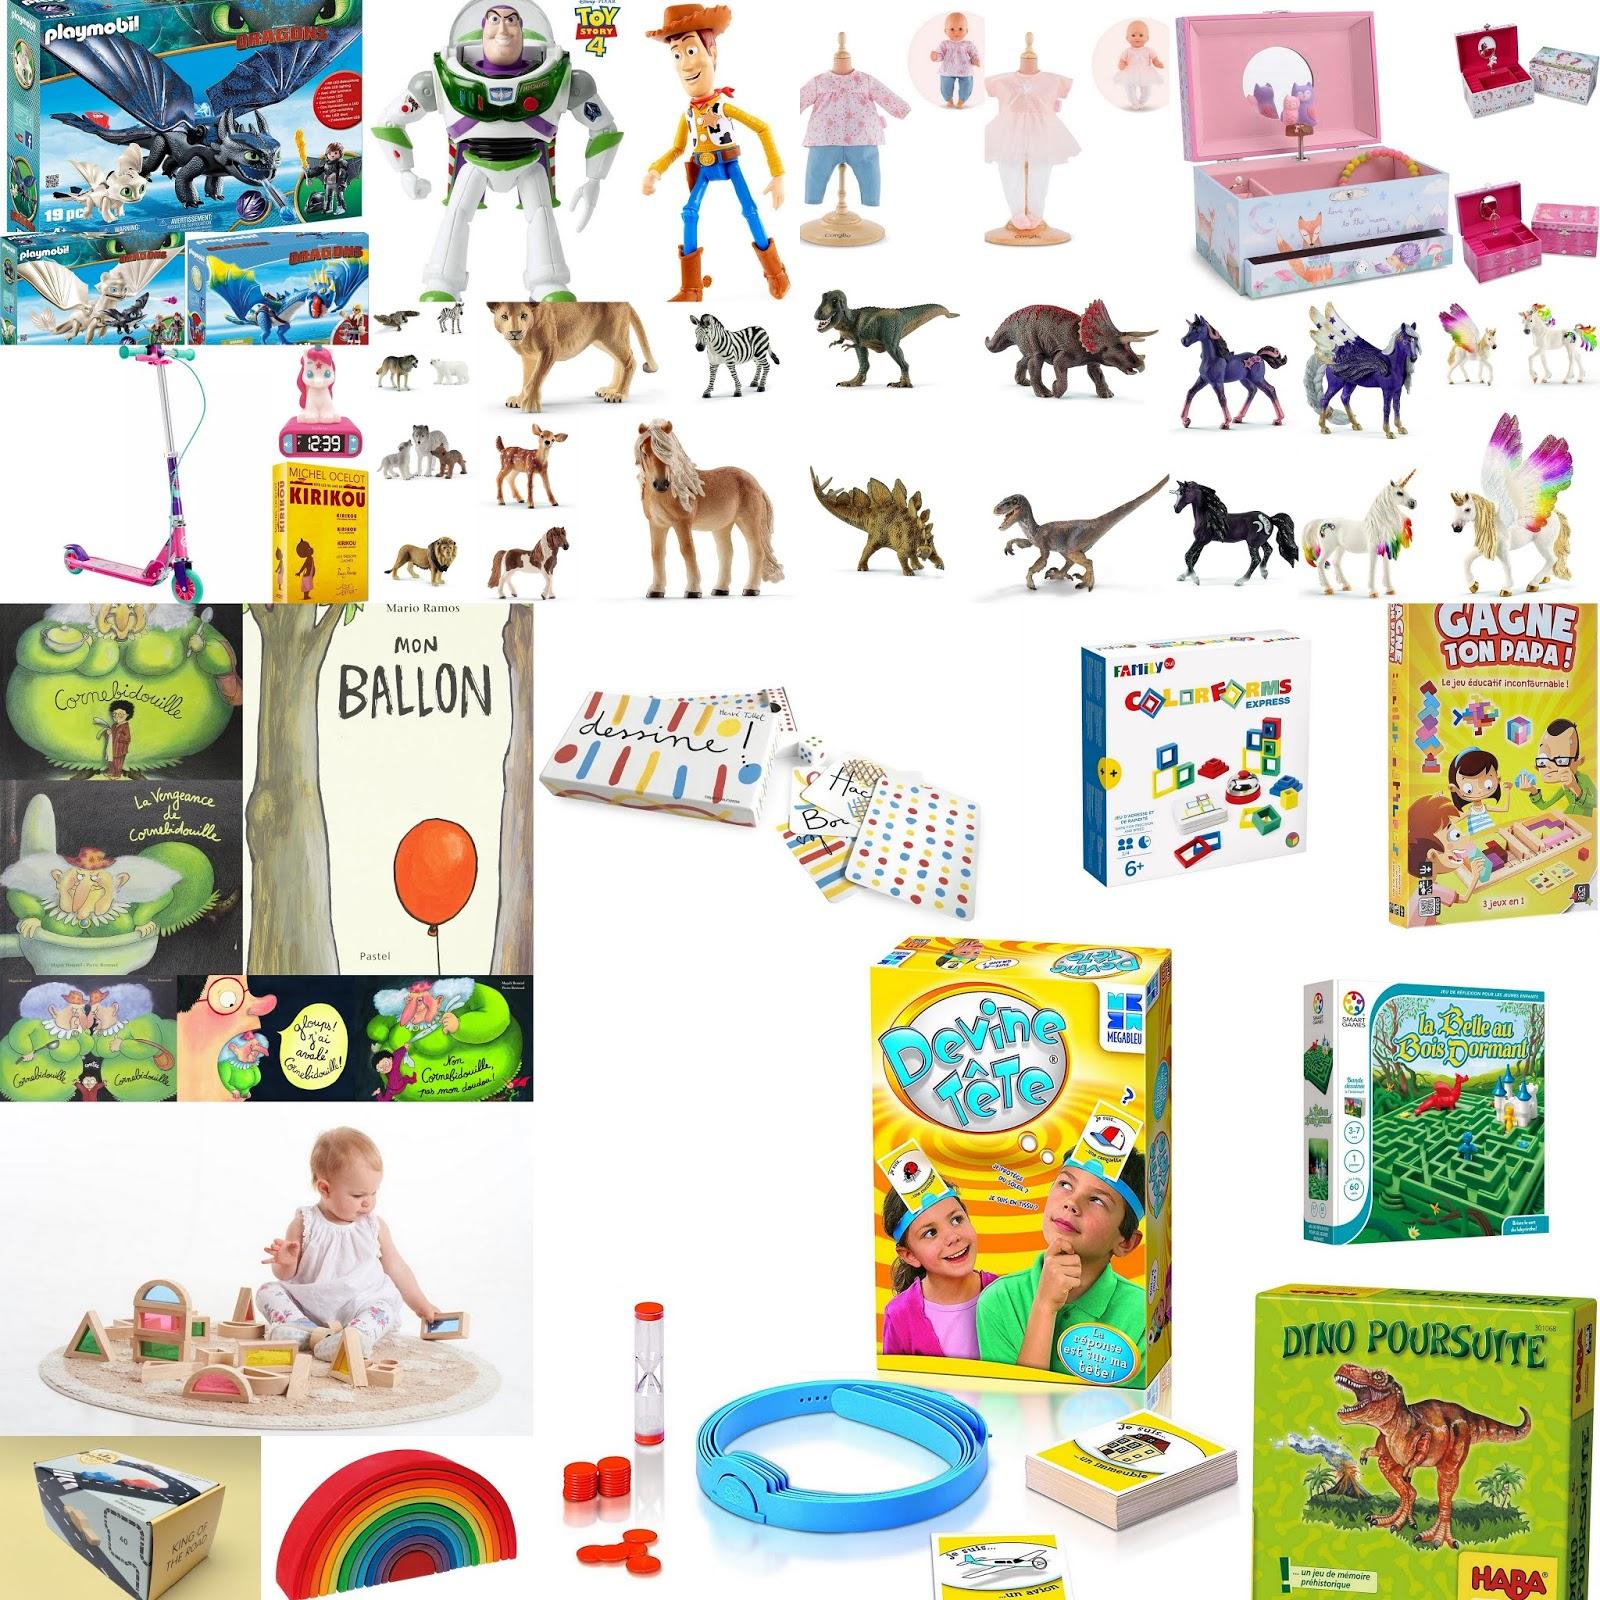 Maaademoiselle A Idees Cadeaux Pour Des Petites Filles De Presque 4 Et 7 Ans Noel Et Anniversaire